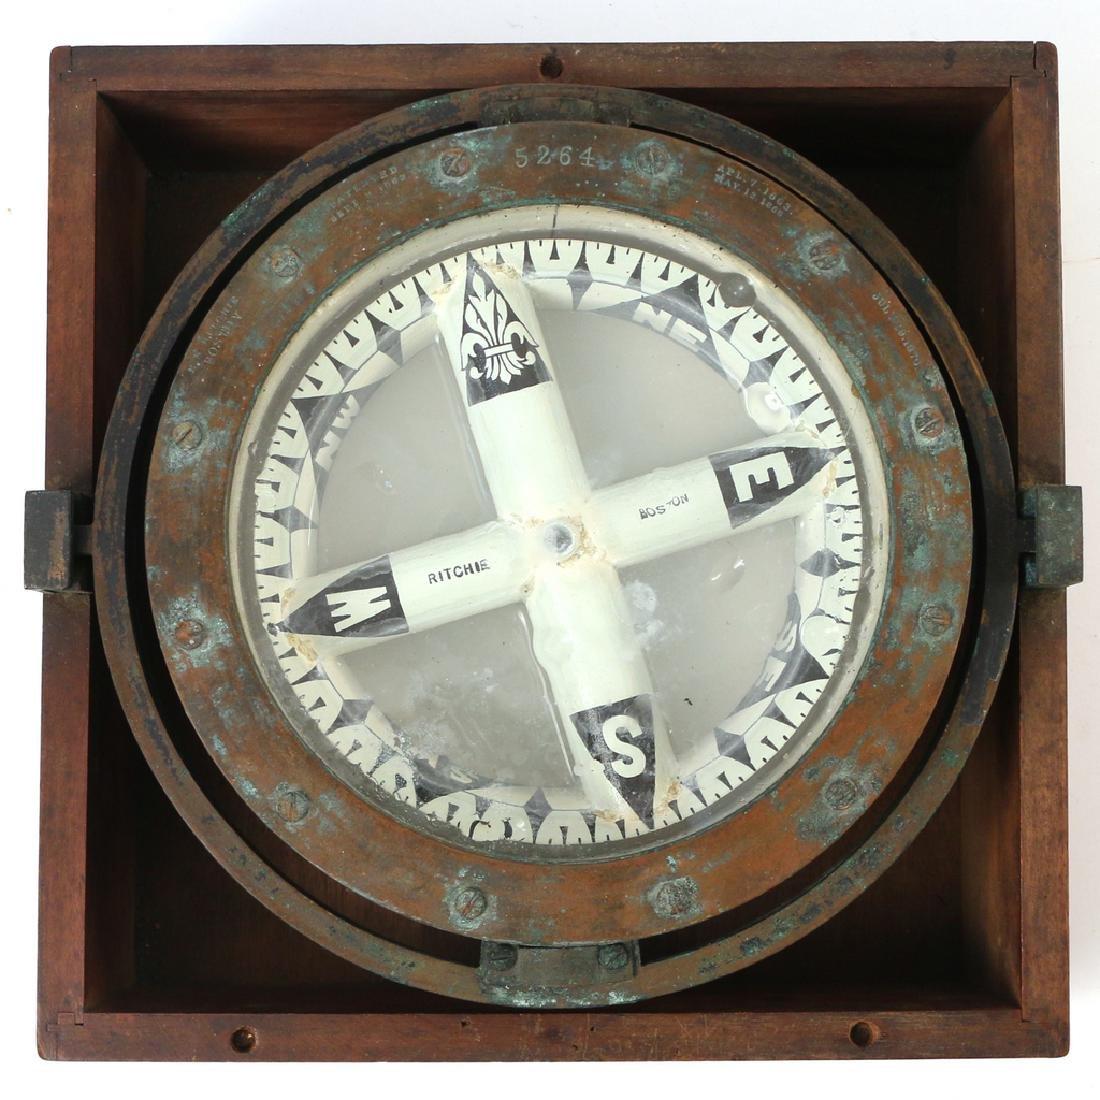 (2pc) E. S. RITCHIE SHIP'S COMPASSES - 2